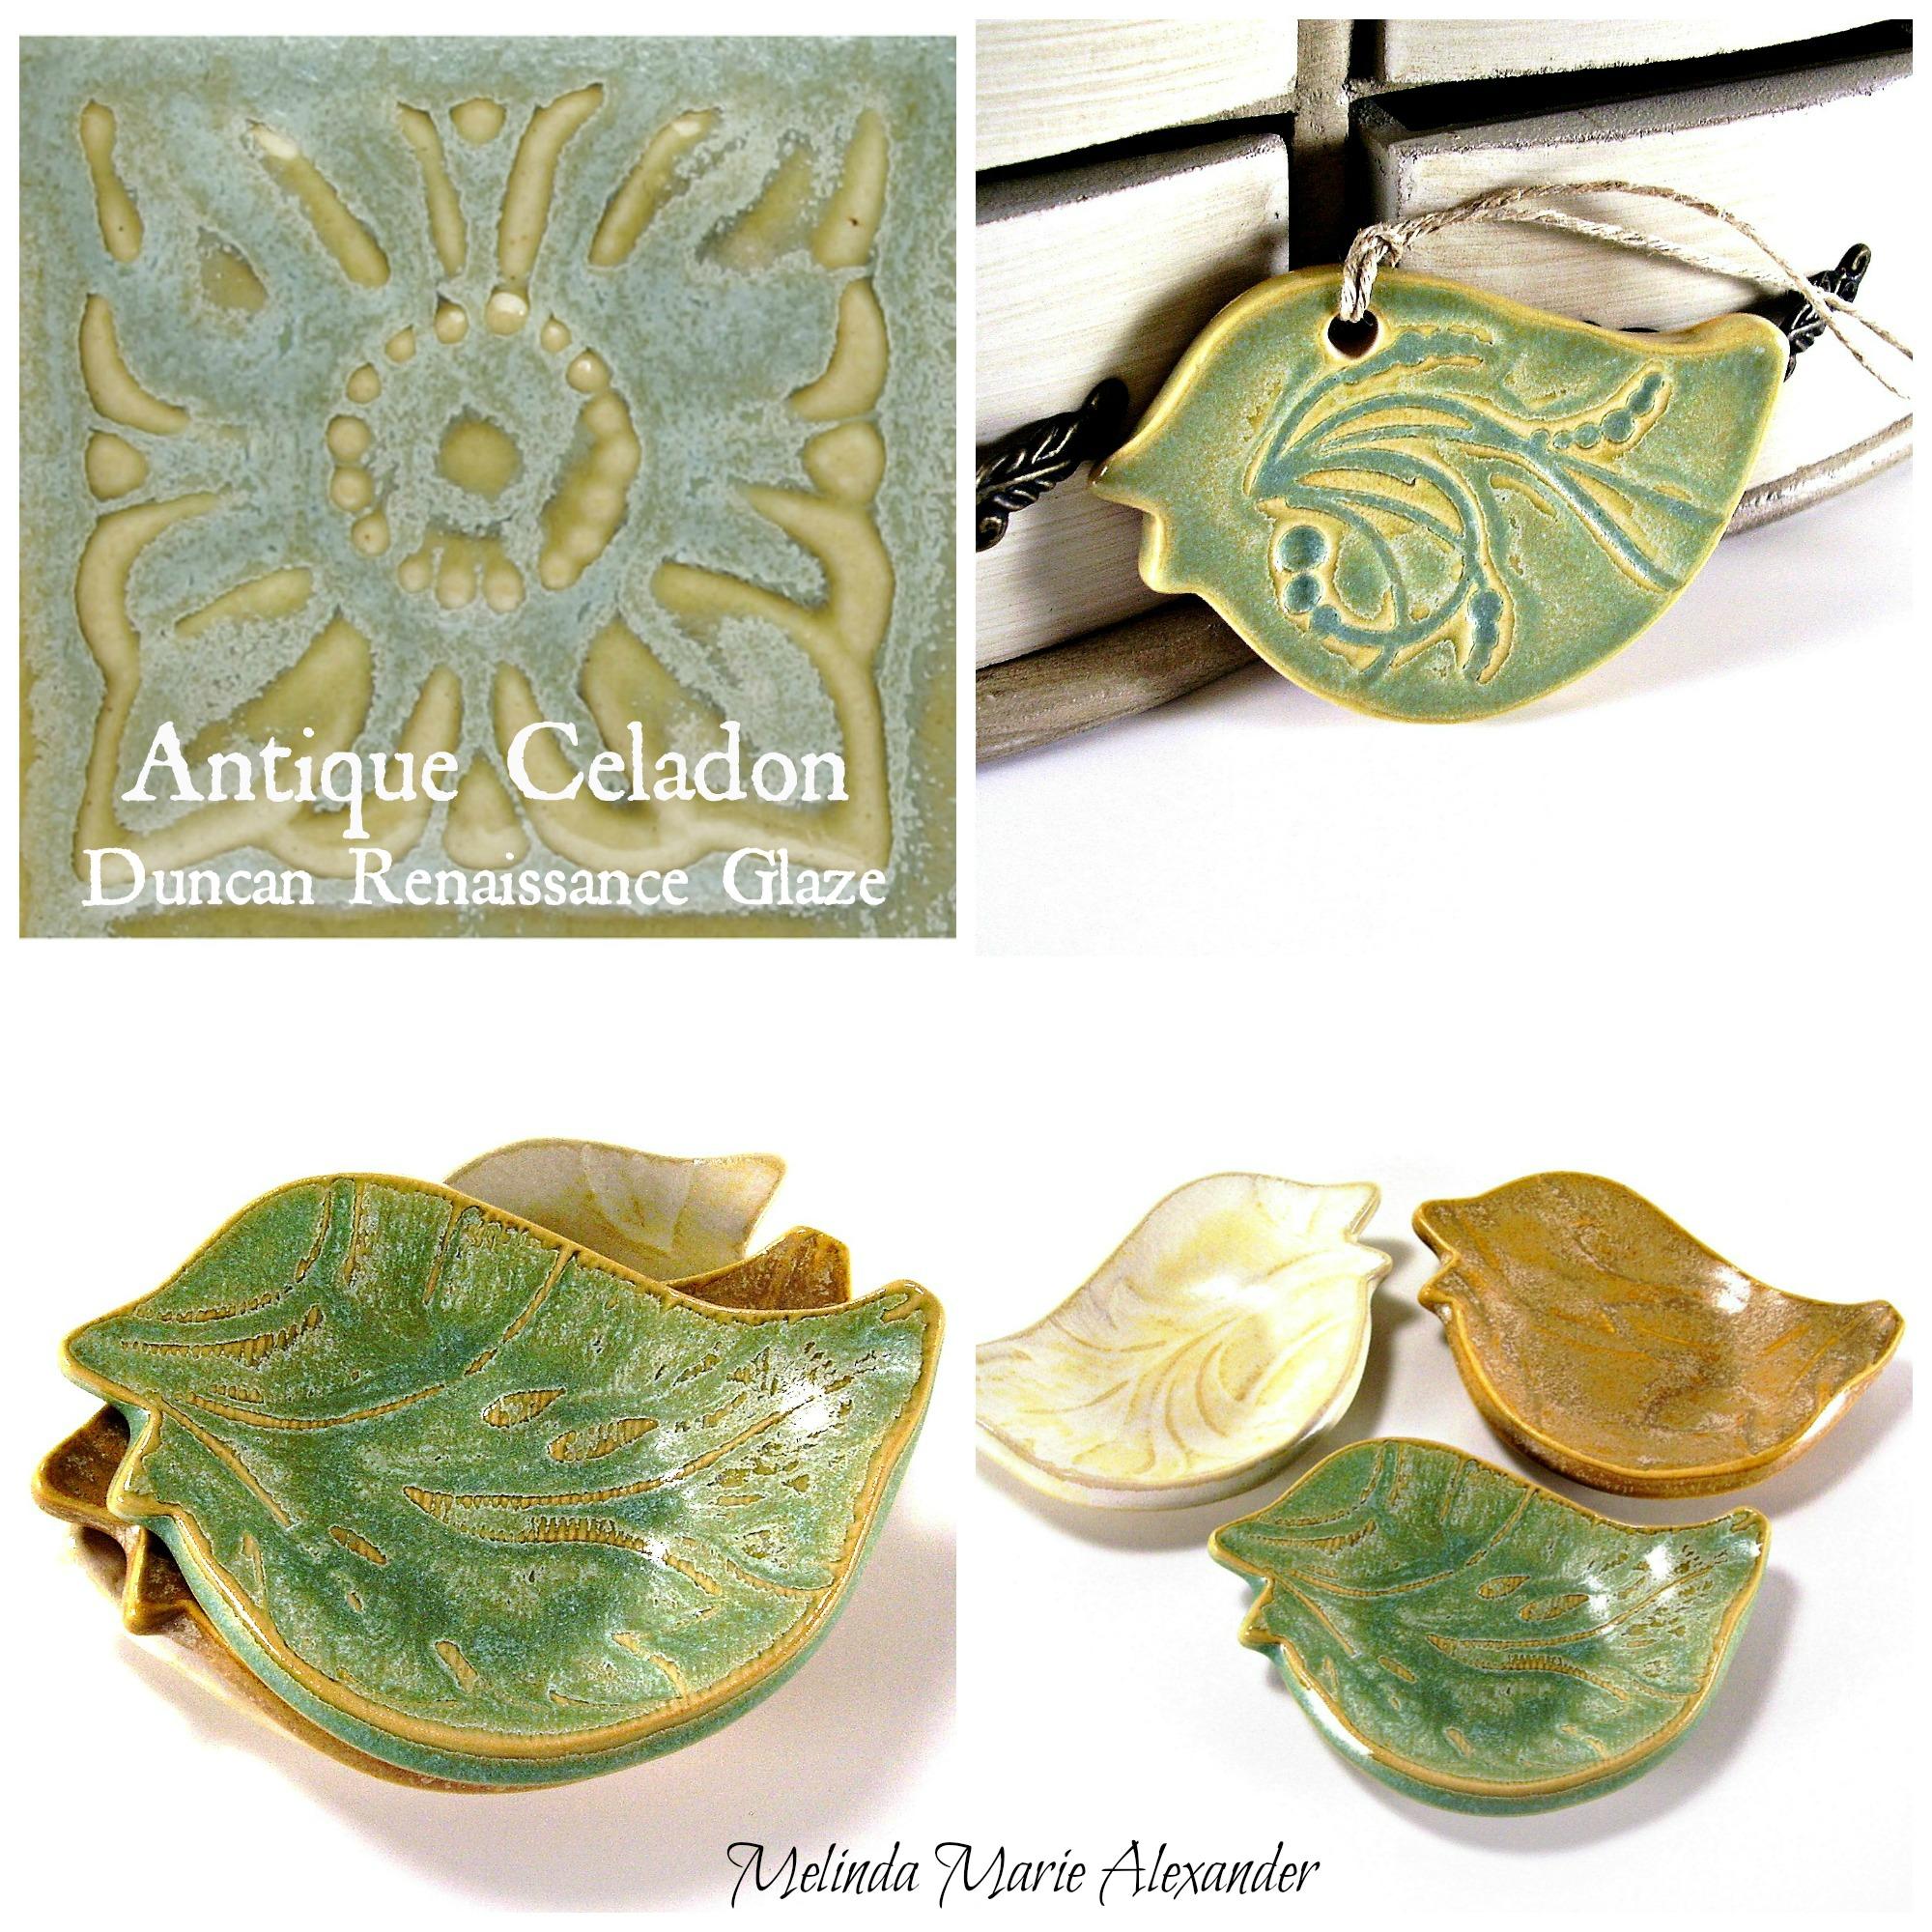 duncan-antique-celadon-x4-birds-withtext